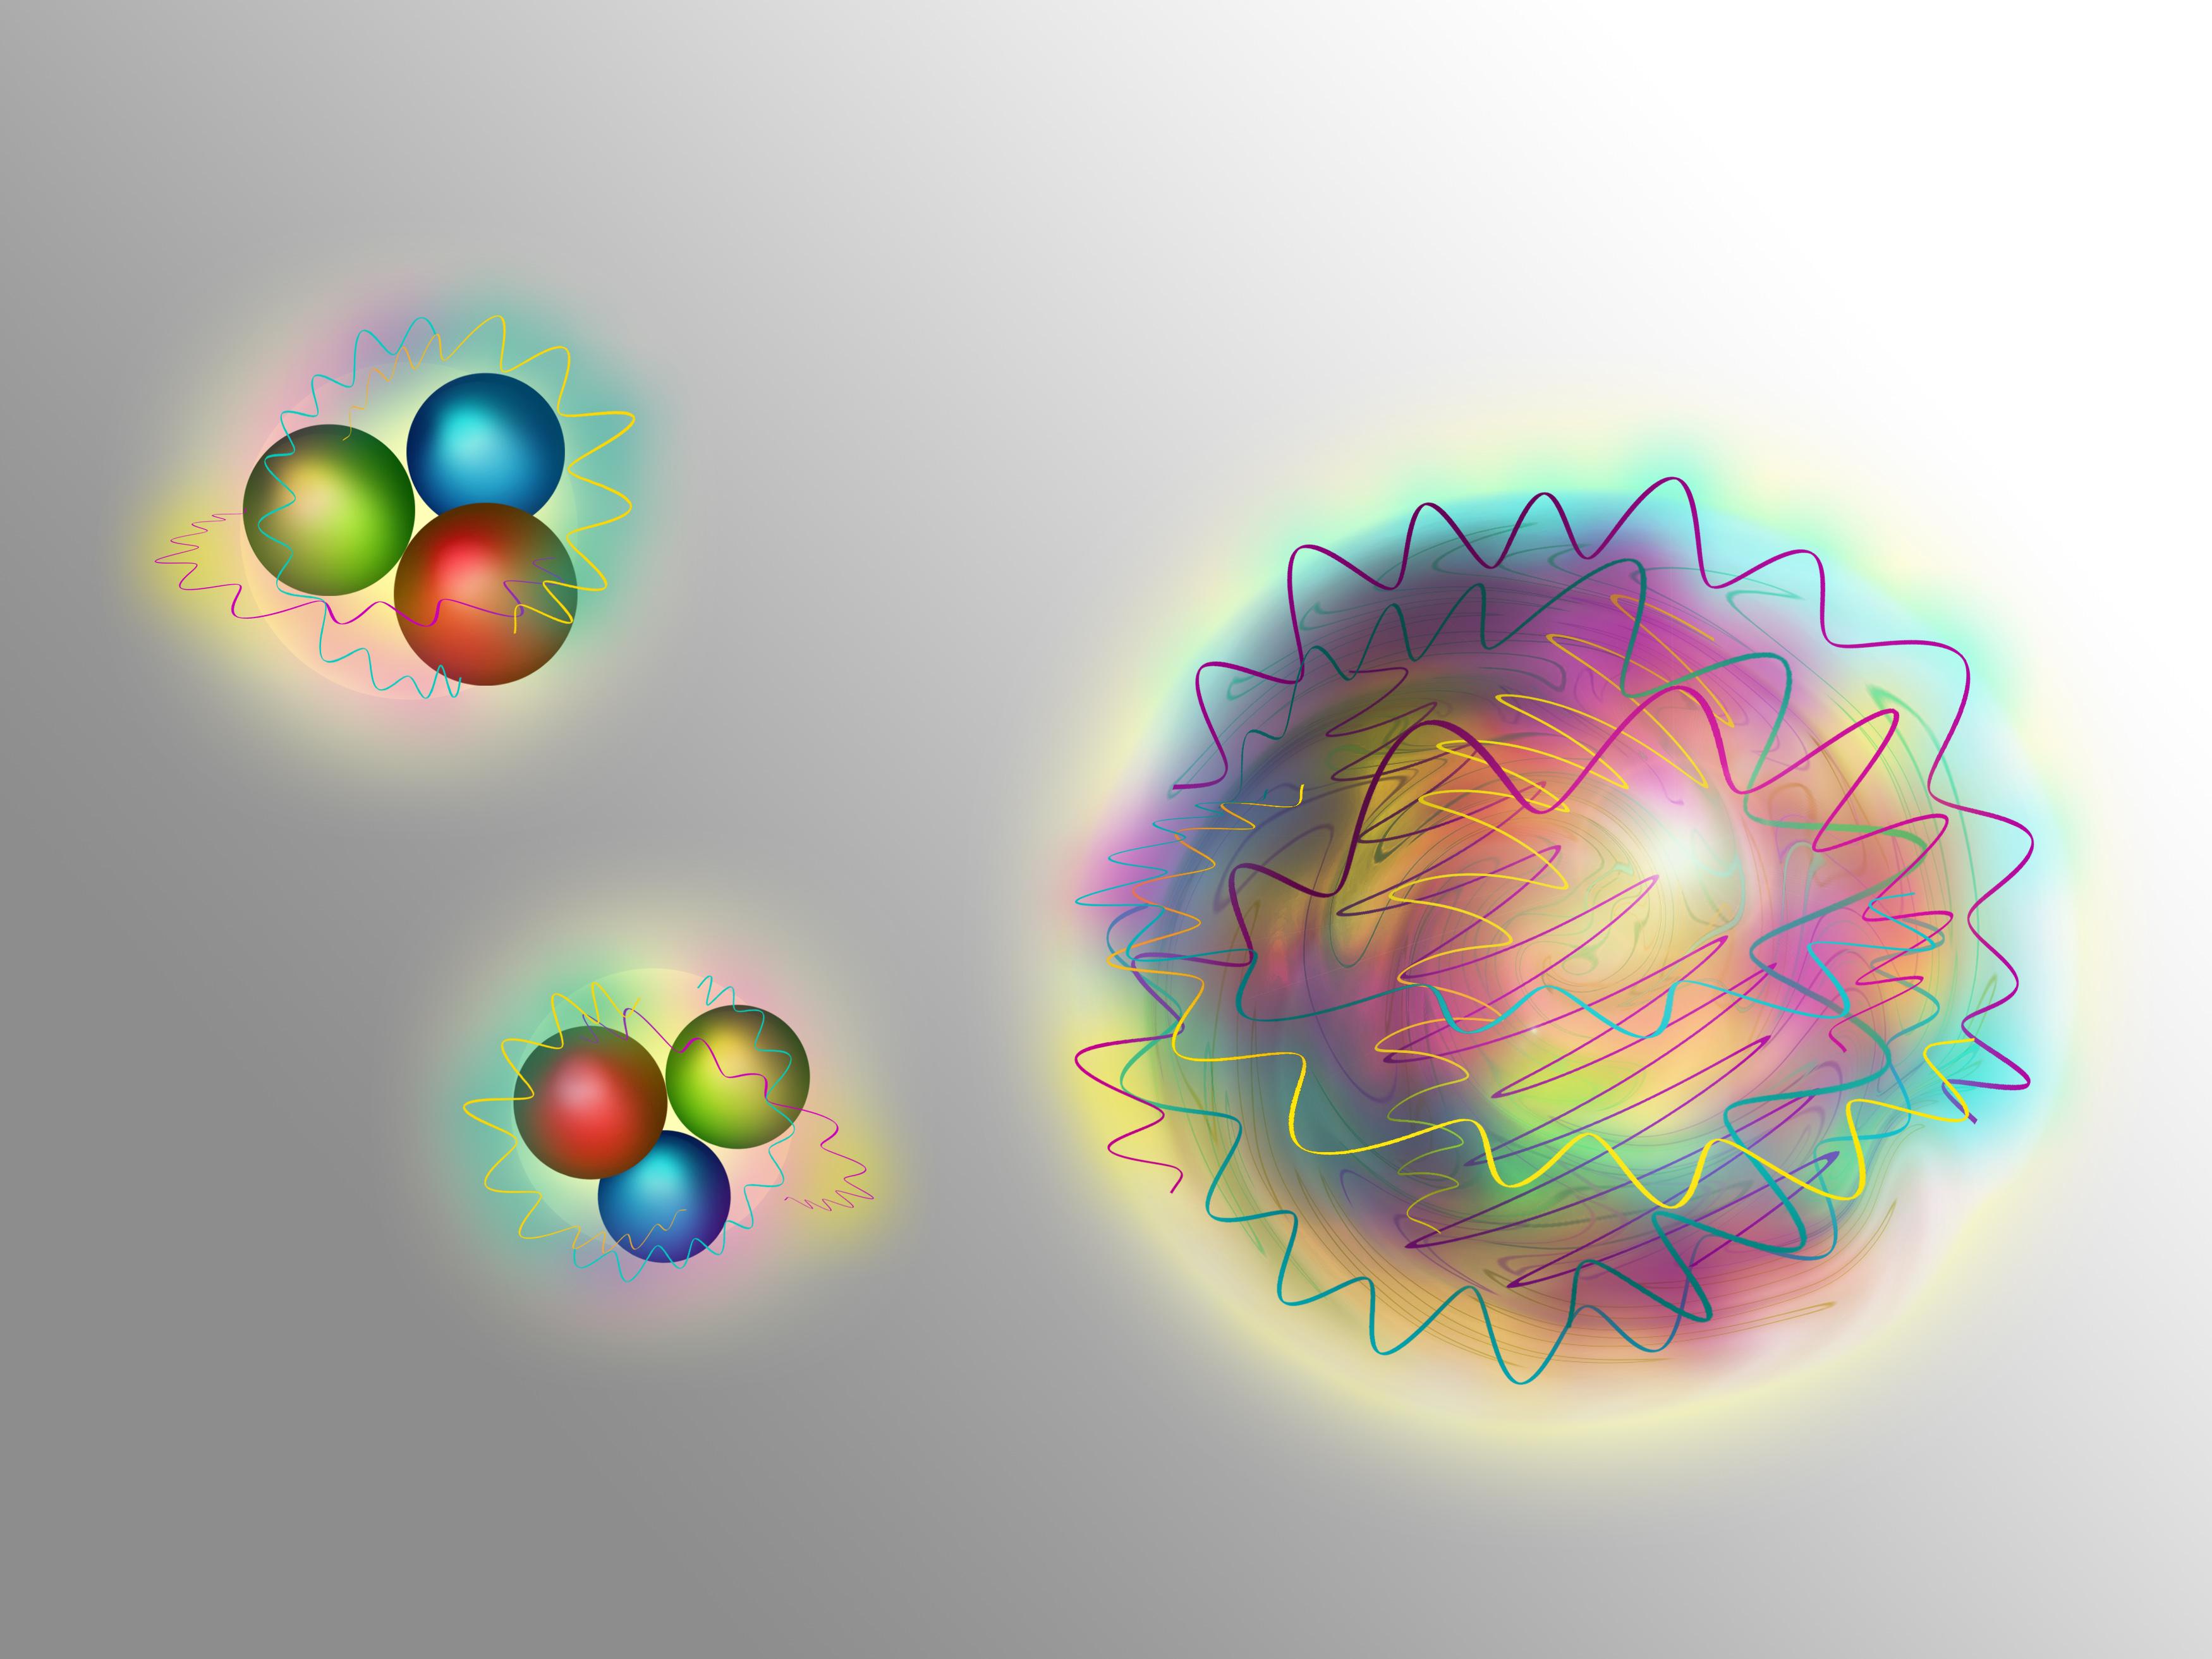 Físicos han resuelto un misterio de 35 años  escondido dentro de los núcleos atómicos